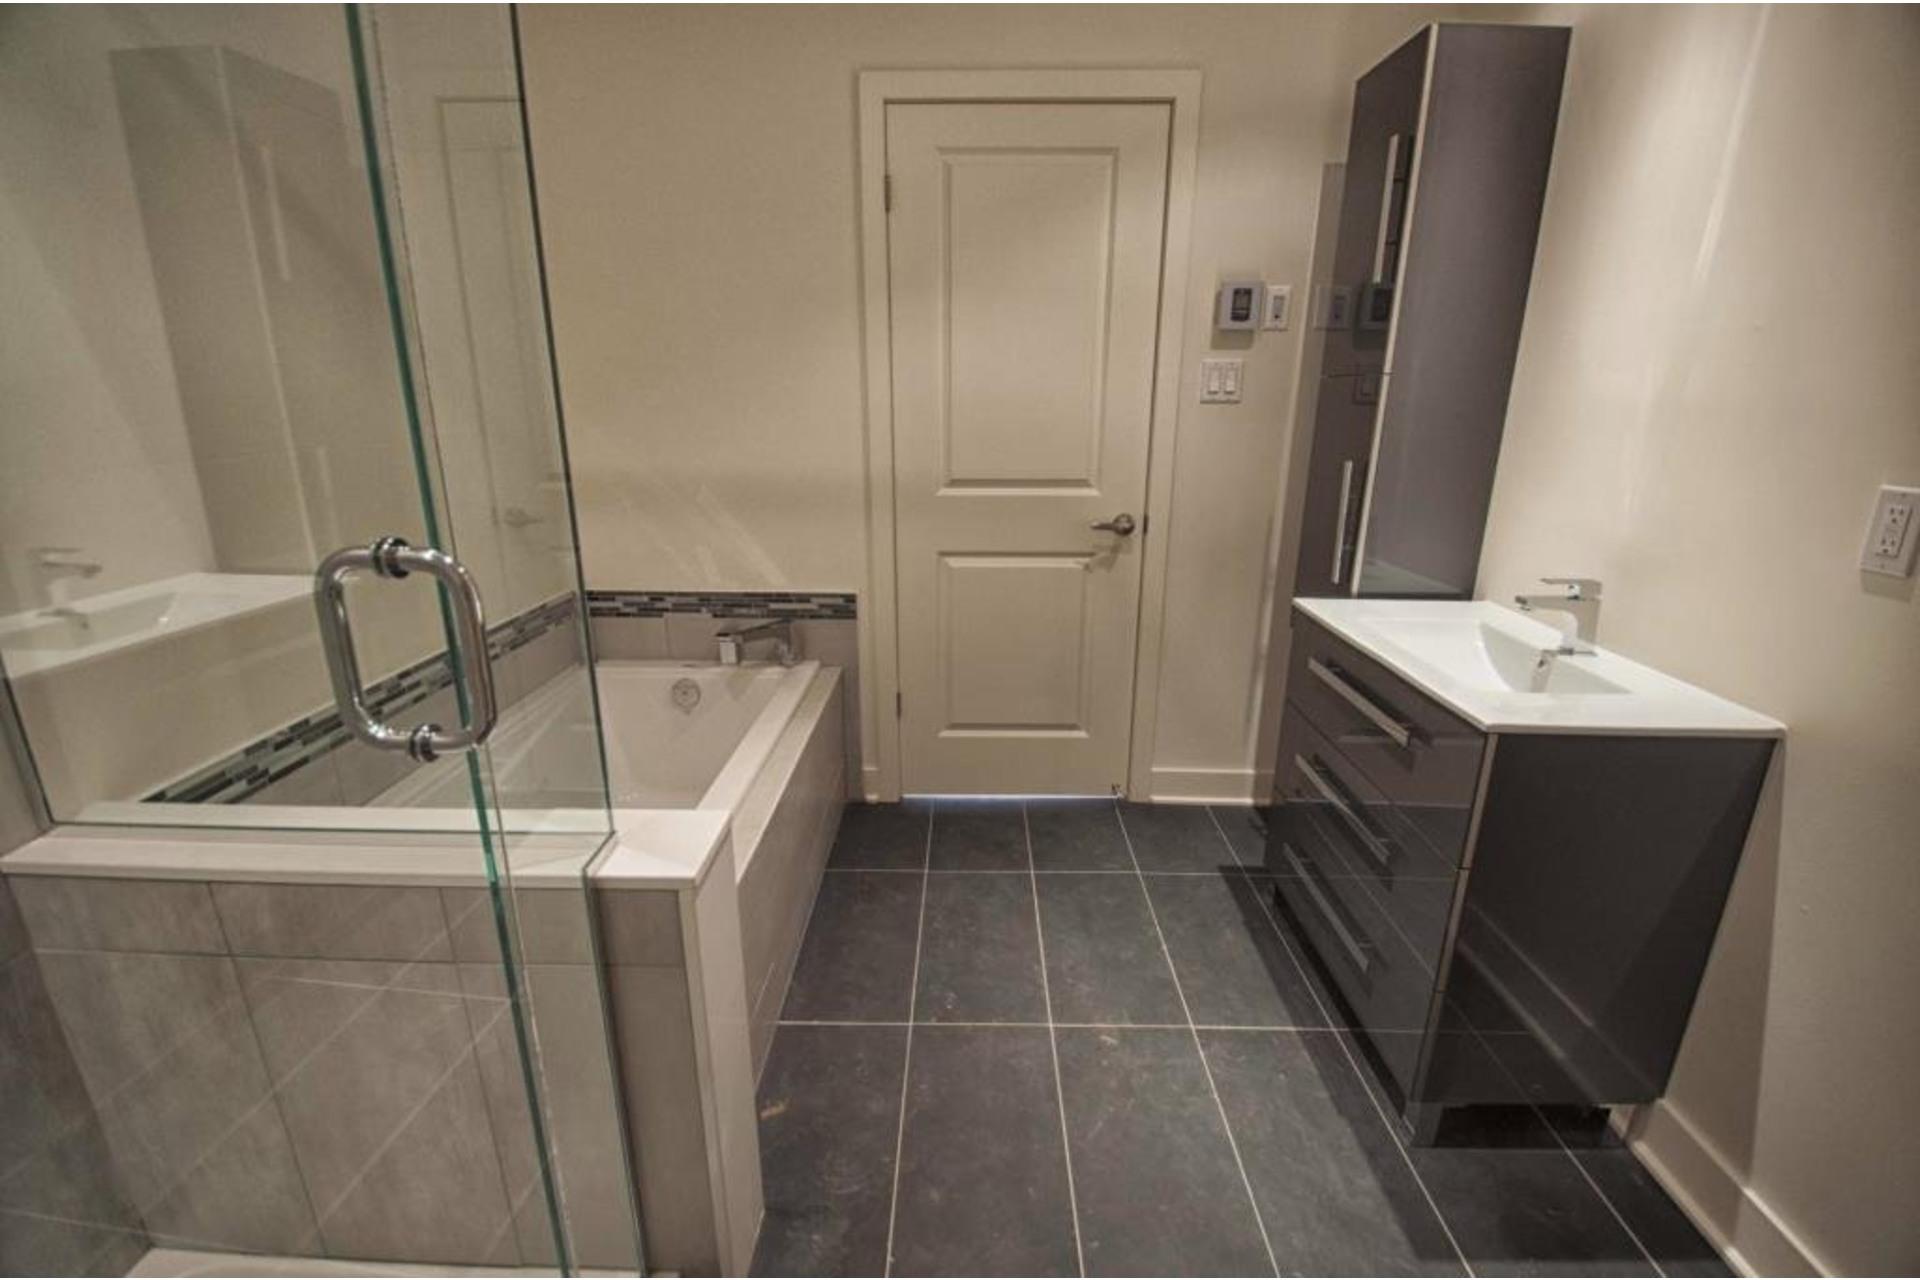 image 16 - Apartment For rent Rivière-des-Prairies/Pointe-aux-Trembles Montréal  - 6 rooms